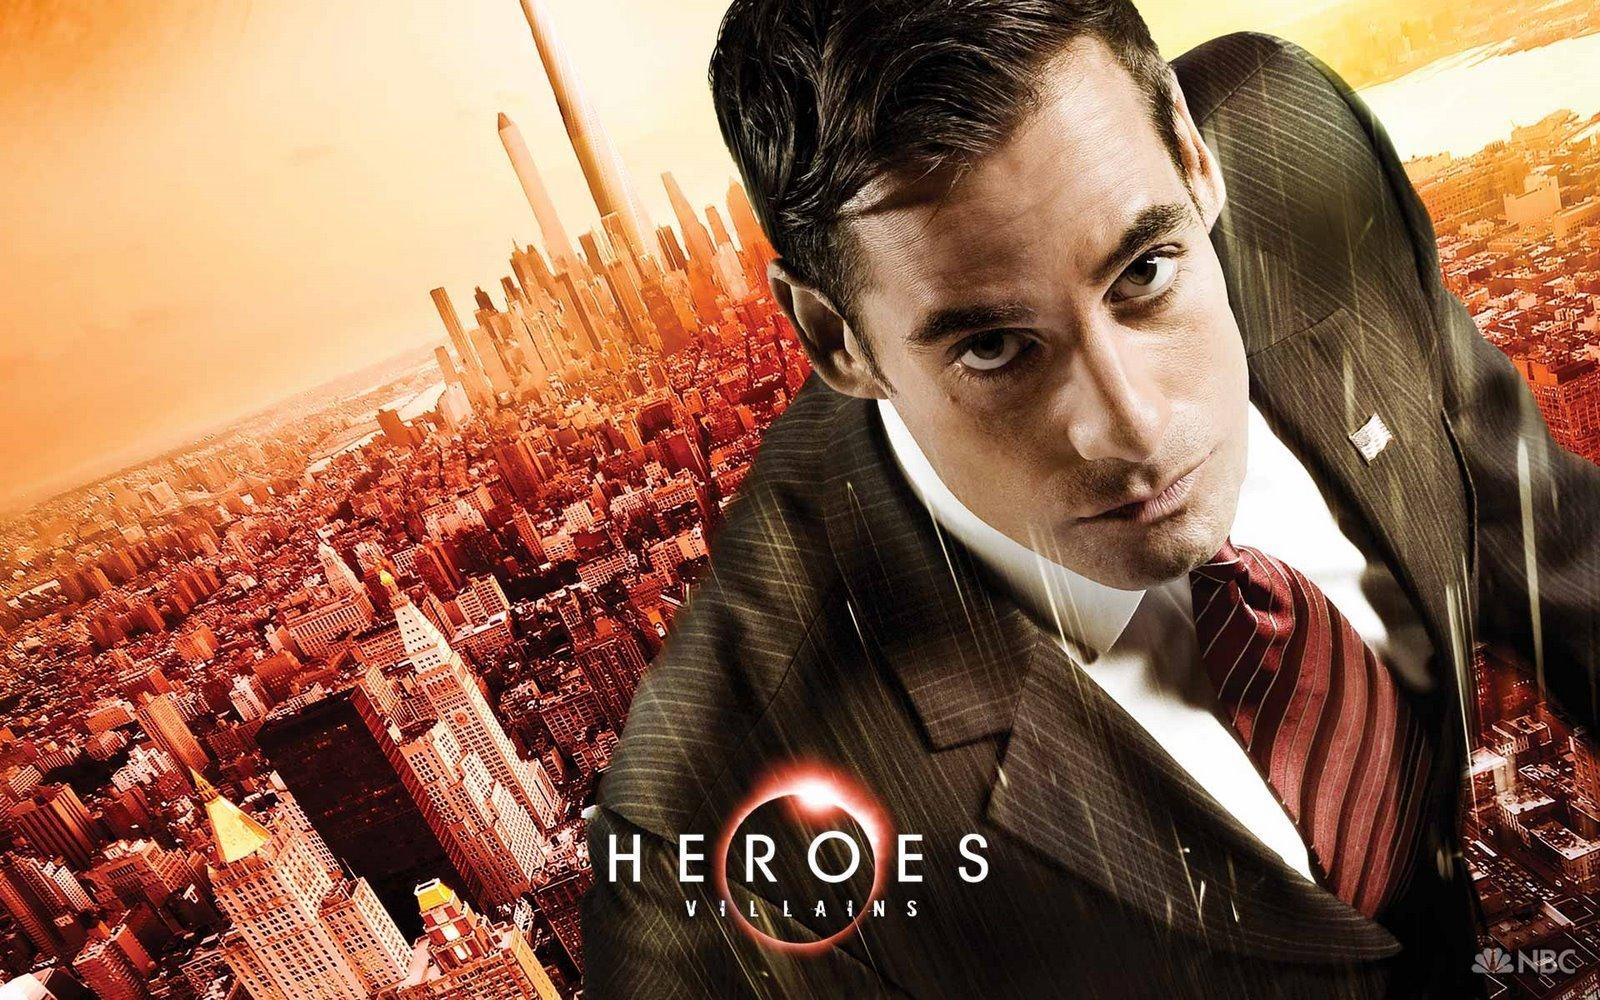 heroes s3 wallpaper - photo #1